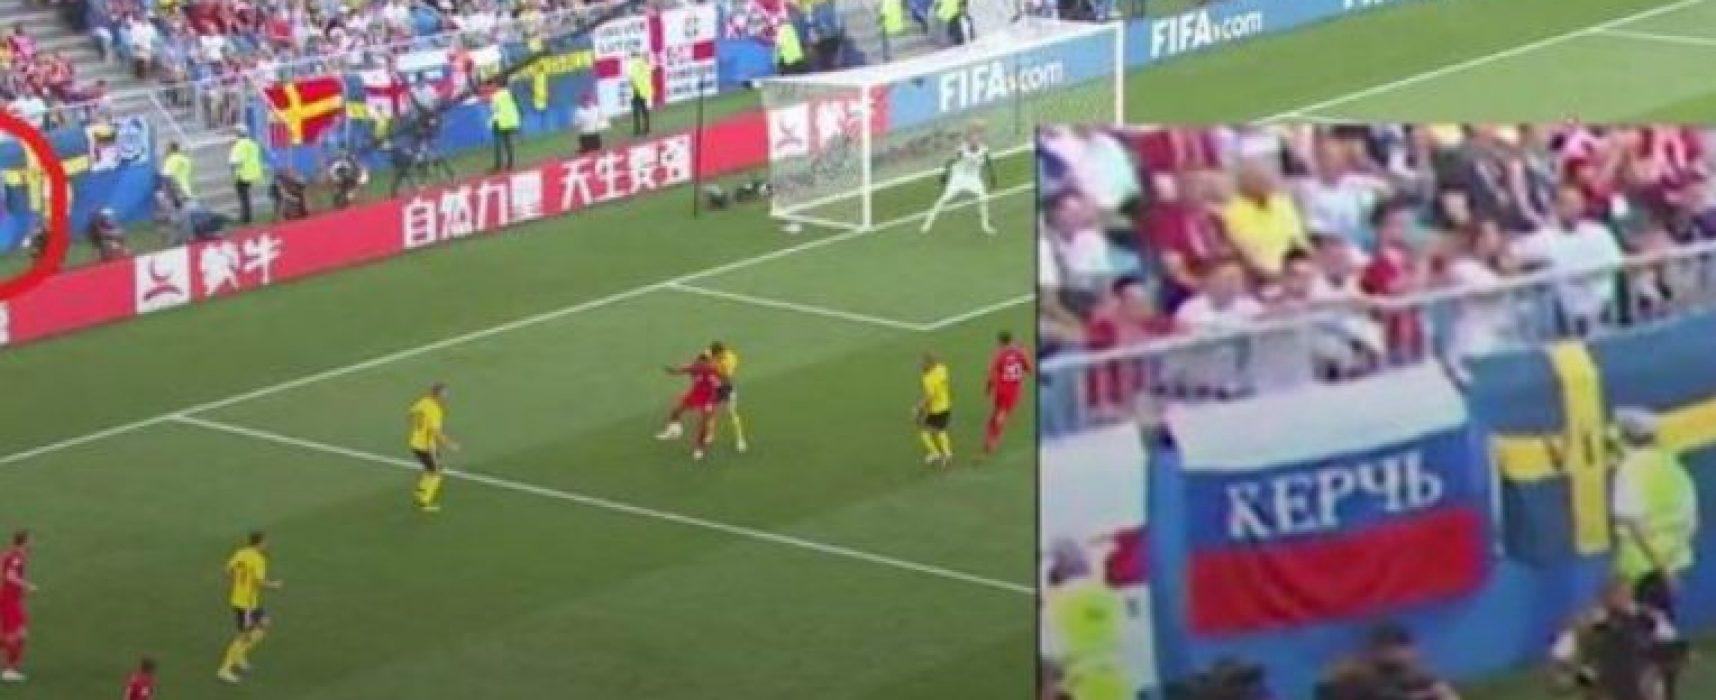 """От ФИФА не забелязаха руски флаг с надпис """"Керч"""" на мач от Световната купа-2018"""